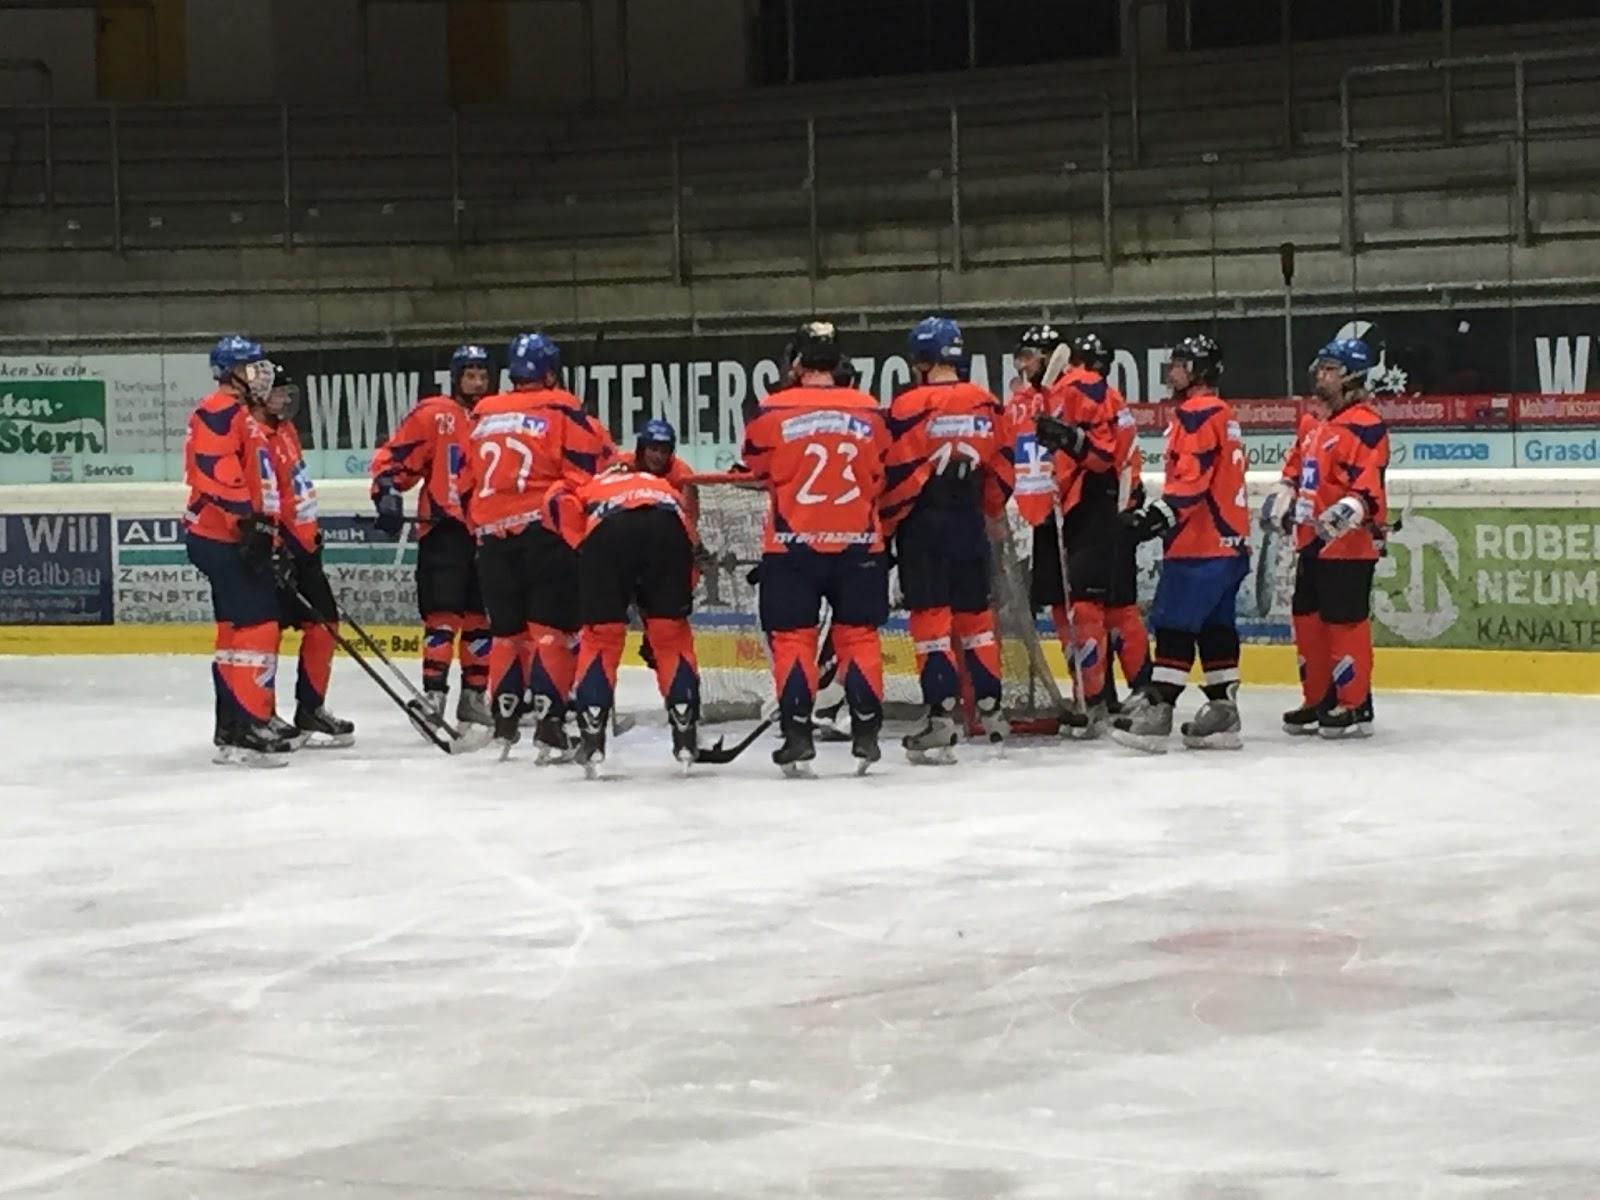 Eishockey Dietramszell: 15 Tore - Schützenfest im Halbfinale